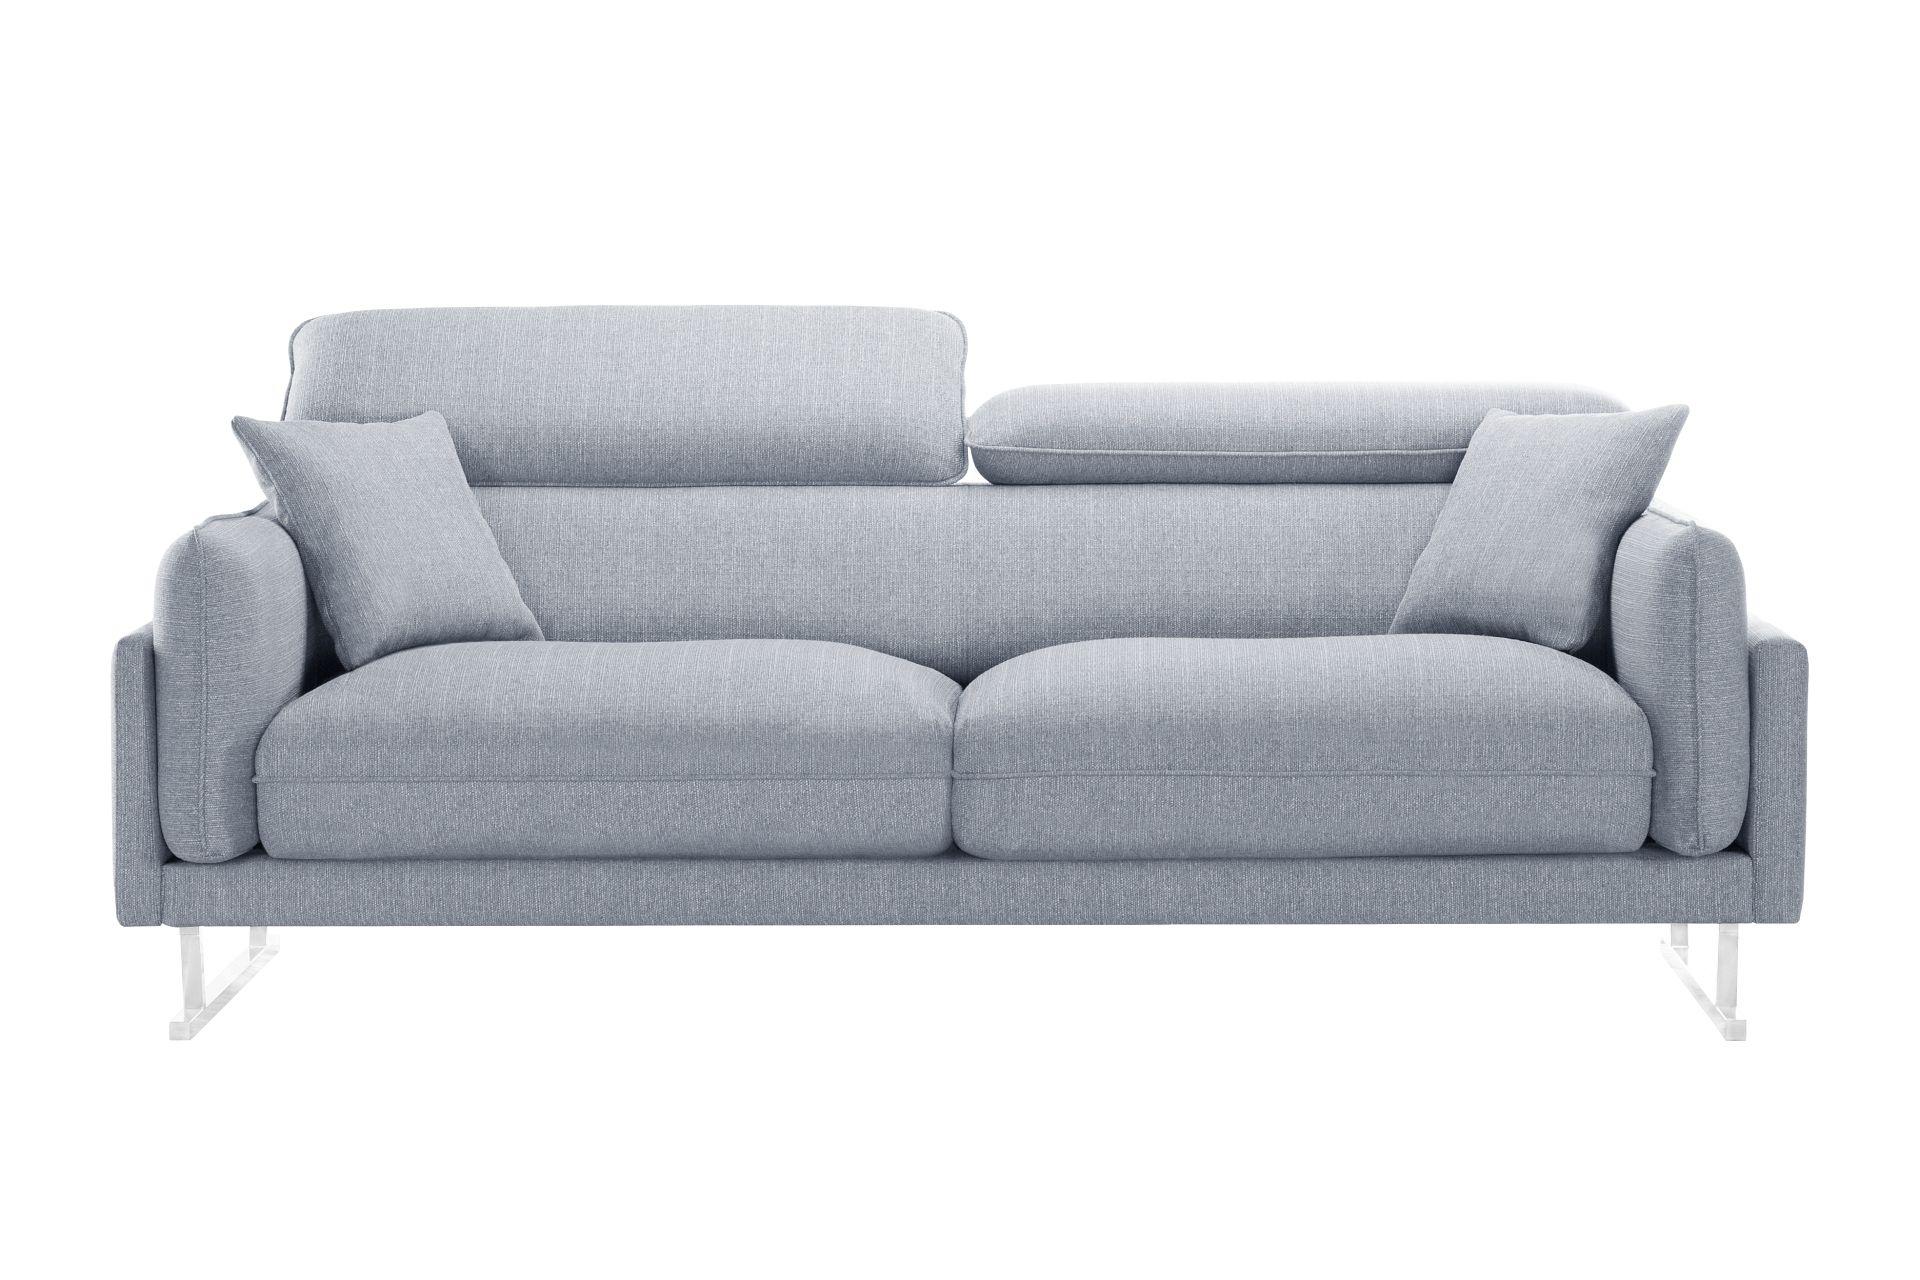 L Officiel Interiors Gigi le canapé 3 places gigi | canapé 3 places, canapé, design